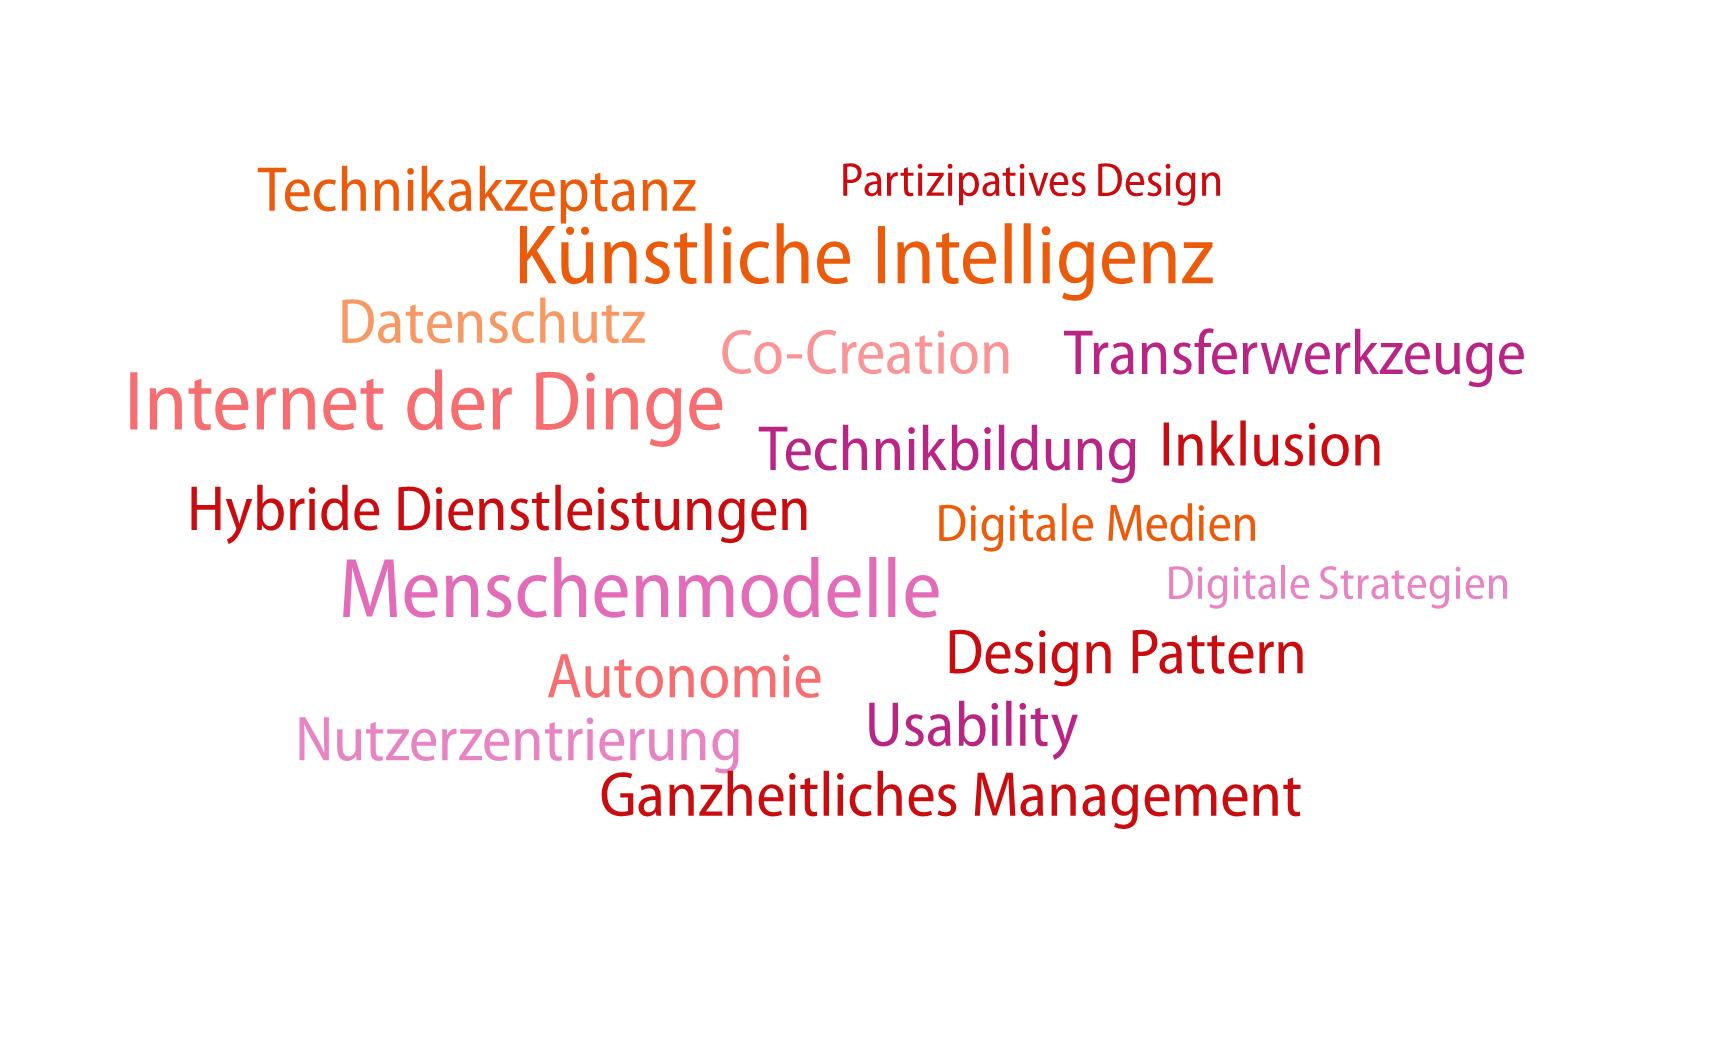 Das Bild zeigt eine Word Cloud mit einer Auswahl der wichtigsten Themen, Methoden und chwerpunkte von DITES. Darunter zählen: Technikakzeptanz, Partizipatives Design, Künstliche Intelligenz, Datenschutz, Co-Creation, Transferwerkzeuge, Internet der Dinge, Technikbildung, Inklusion, Hybride Dienstleistungen, Digitale Medien, Menschenmodelle, Digitale Strategien, Autonomie, Design Pattern, Nutzerzentrierung, Usability und ganzheitliches Management.